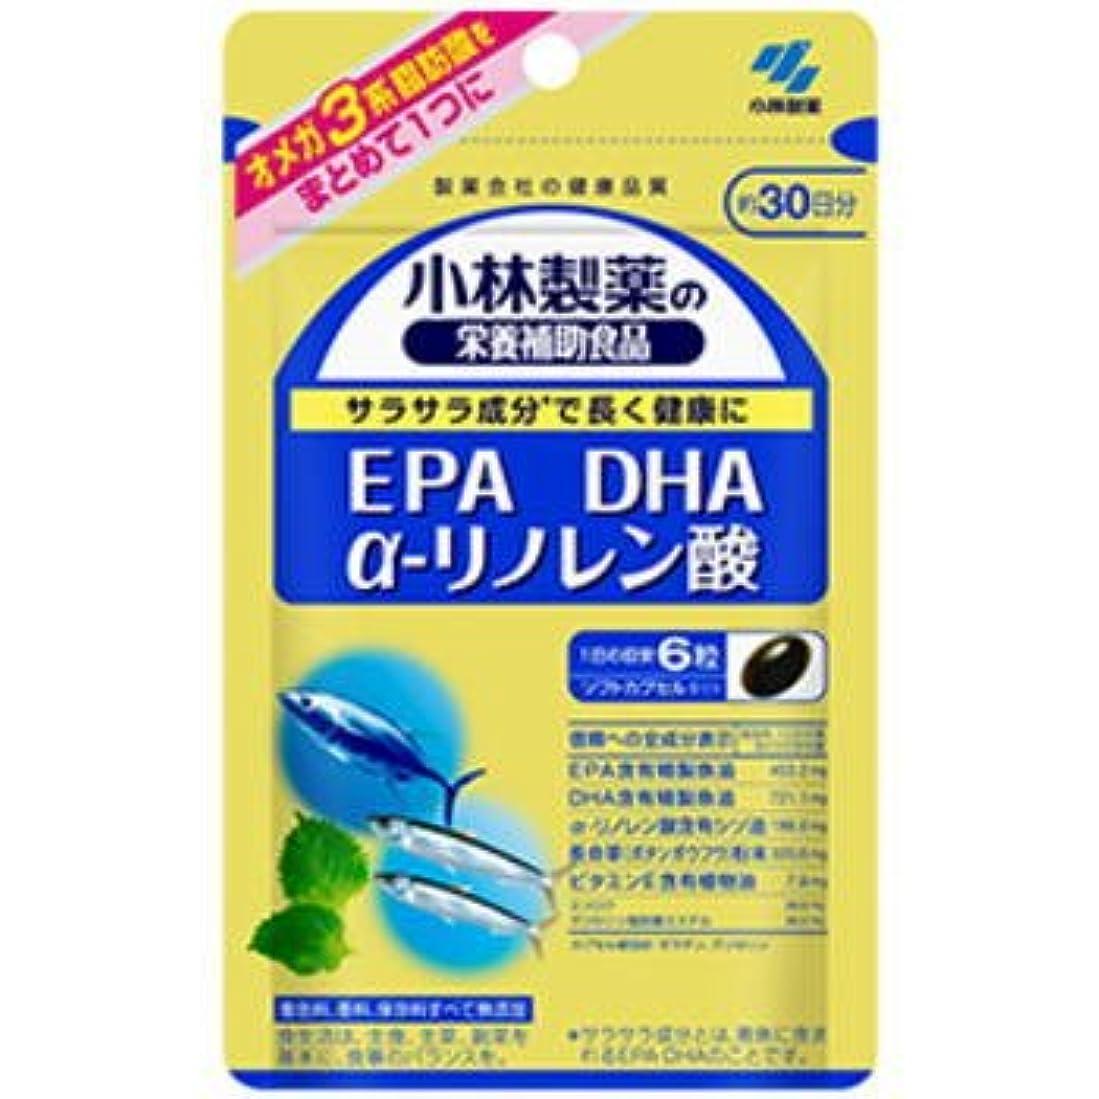 バラバラにする排泄する主張小林製薬 EPA DHA α-リノレン酸 180粒×6個セット【ネコポス発送】